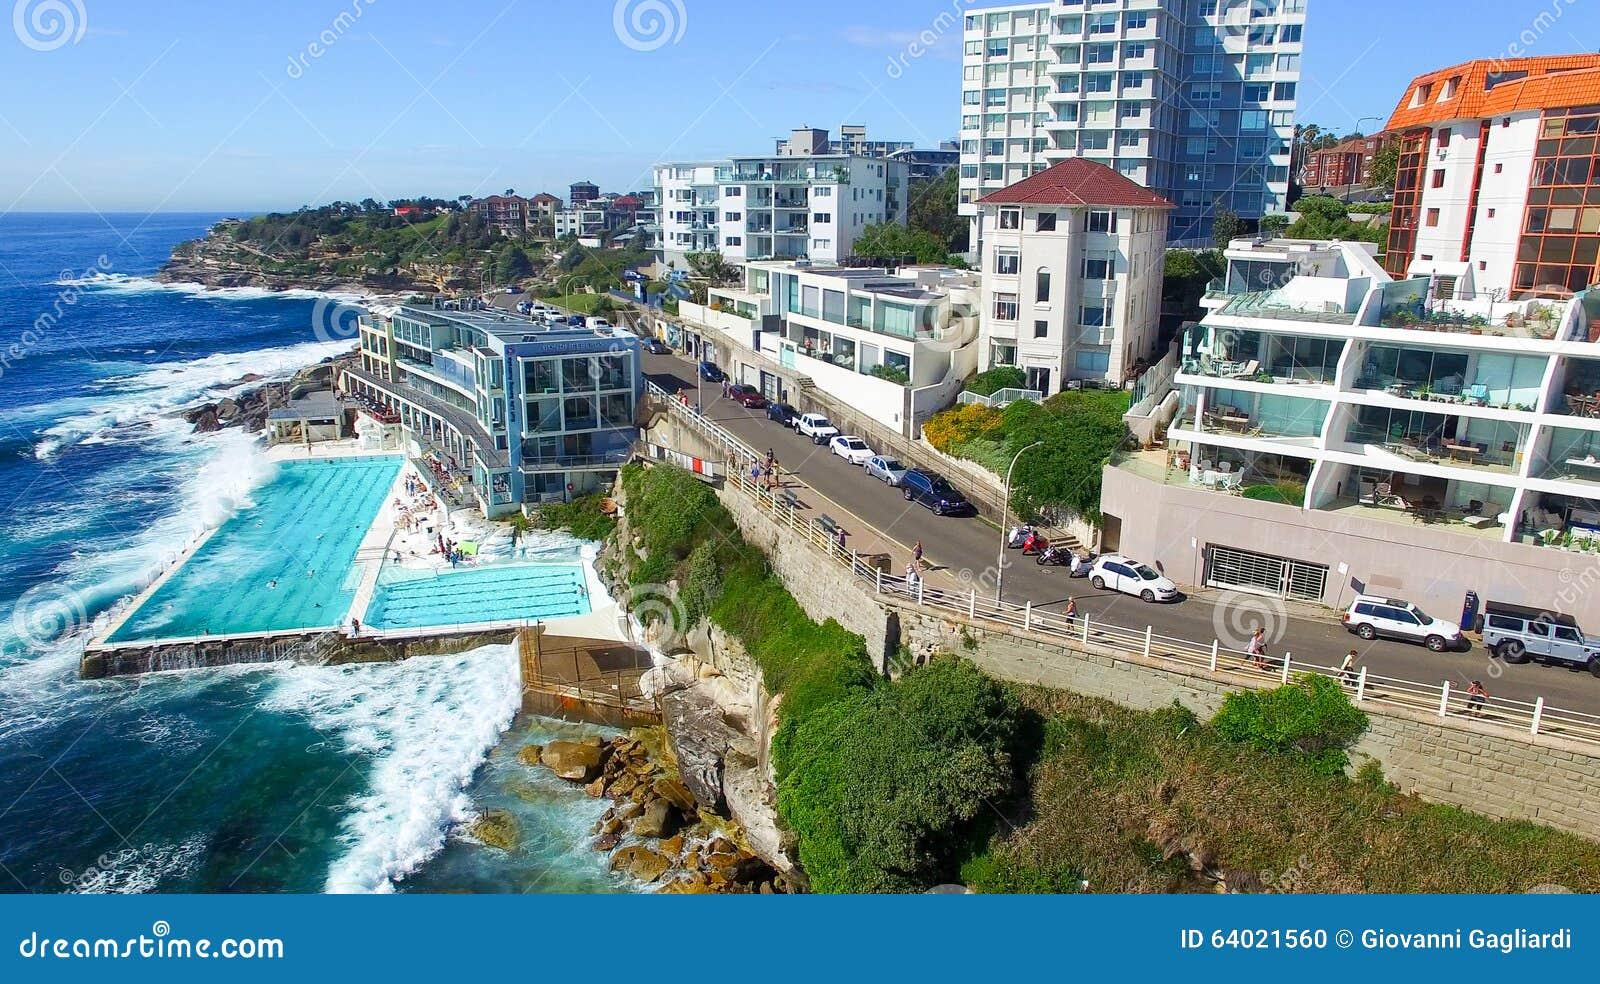 Sydney november 10 2015 bondi pools on a sunny day for Pool show 2015 sydney